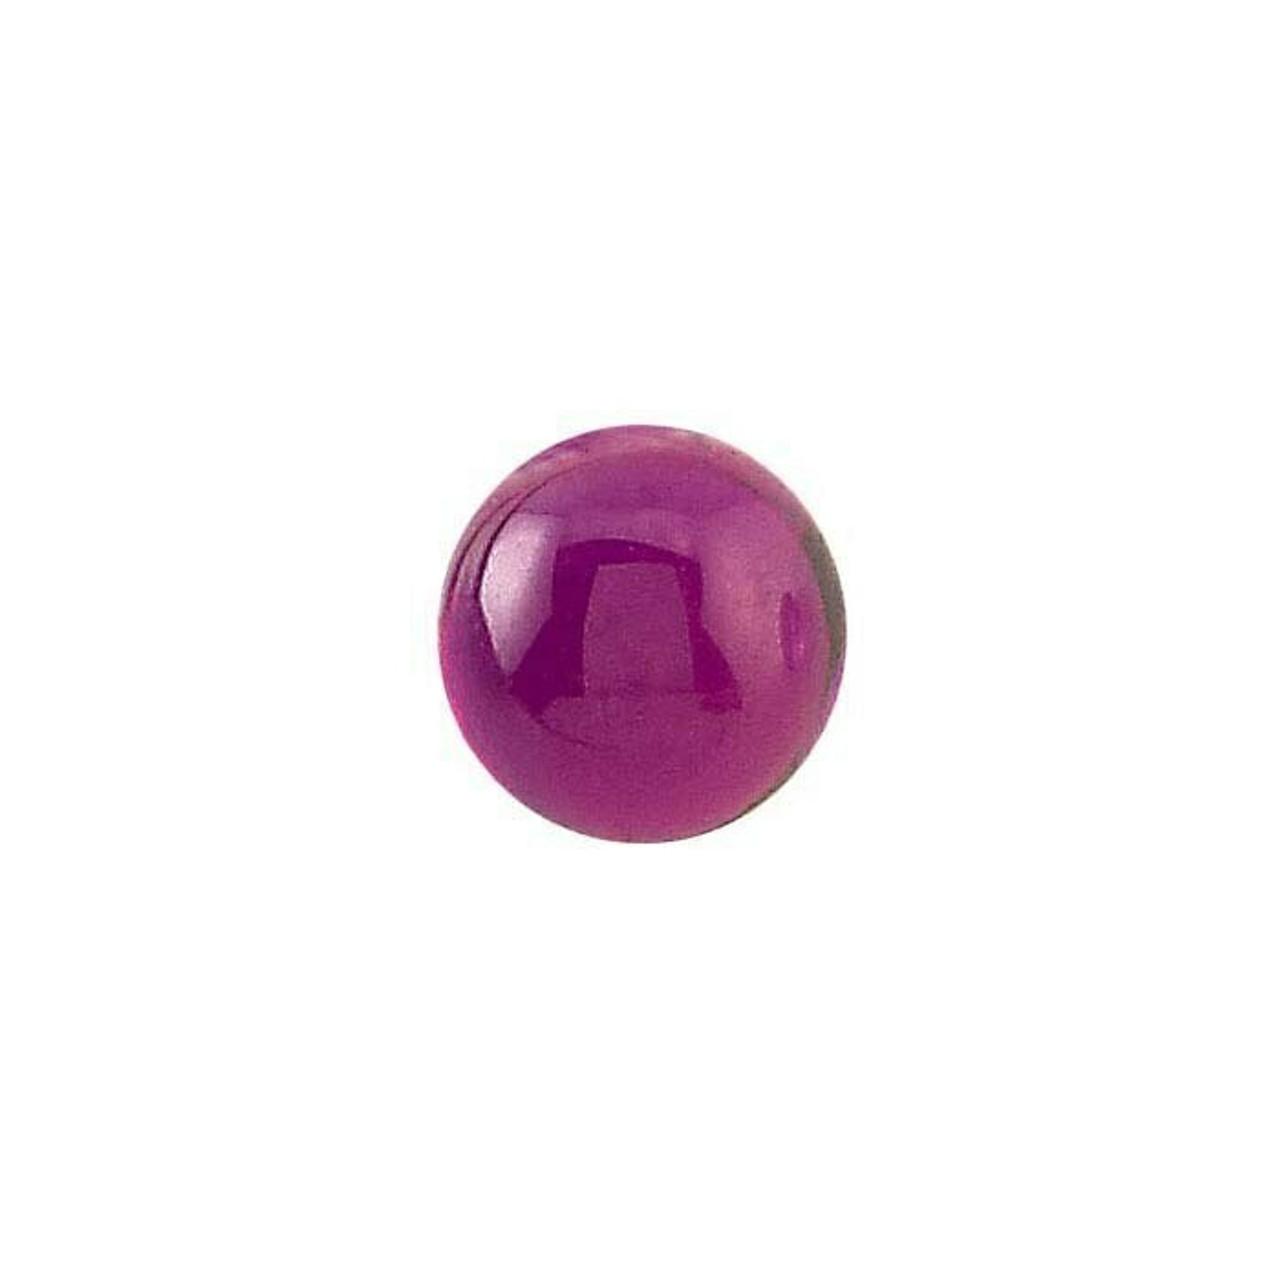 Lab Created Ruby 4mm Round Cabochon   90205 - Yu Yo The